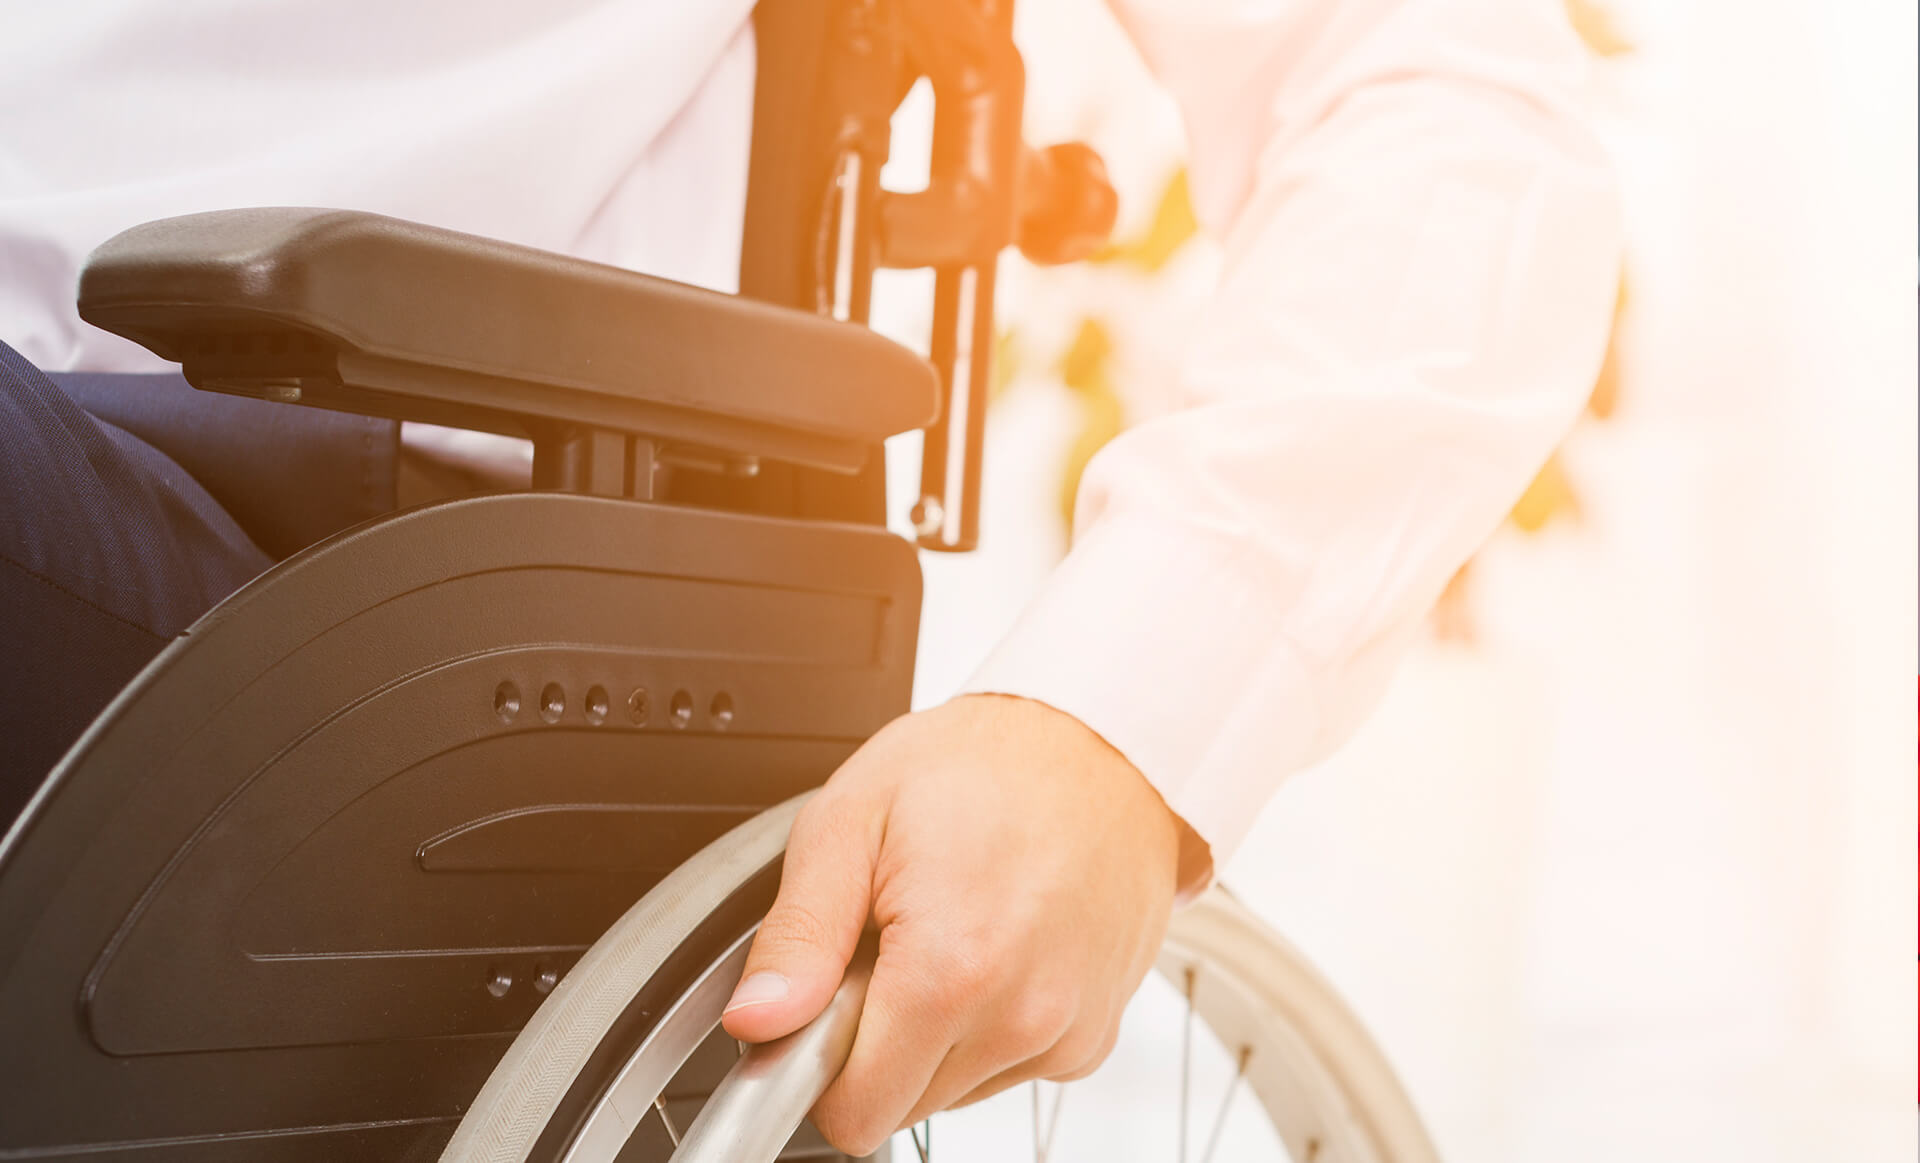 Bedensel Engelli Destek Programı (Fizik Tedavi) || Gesmer Anıt Rehabilitasyon Merkezi